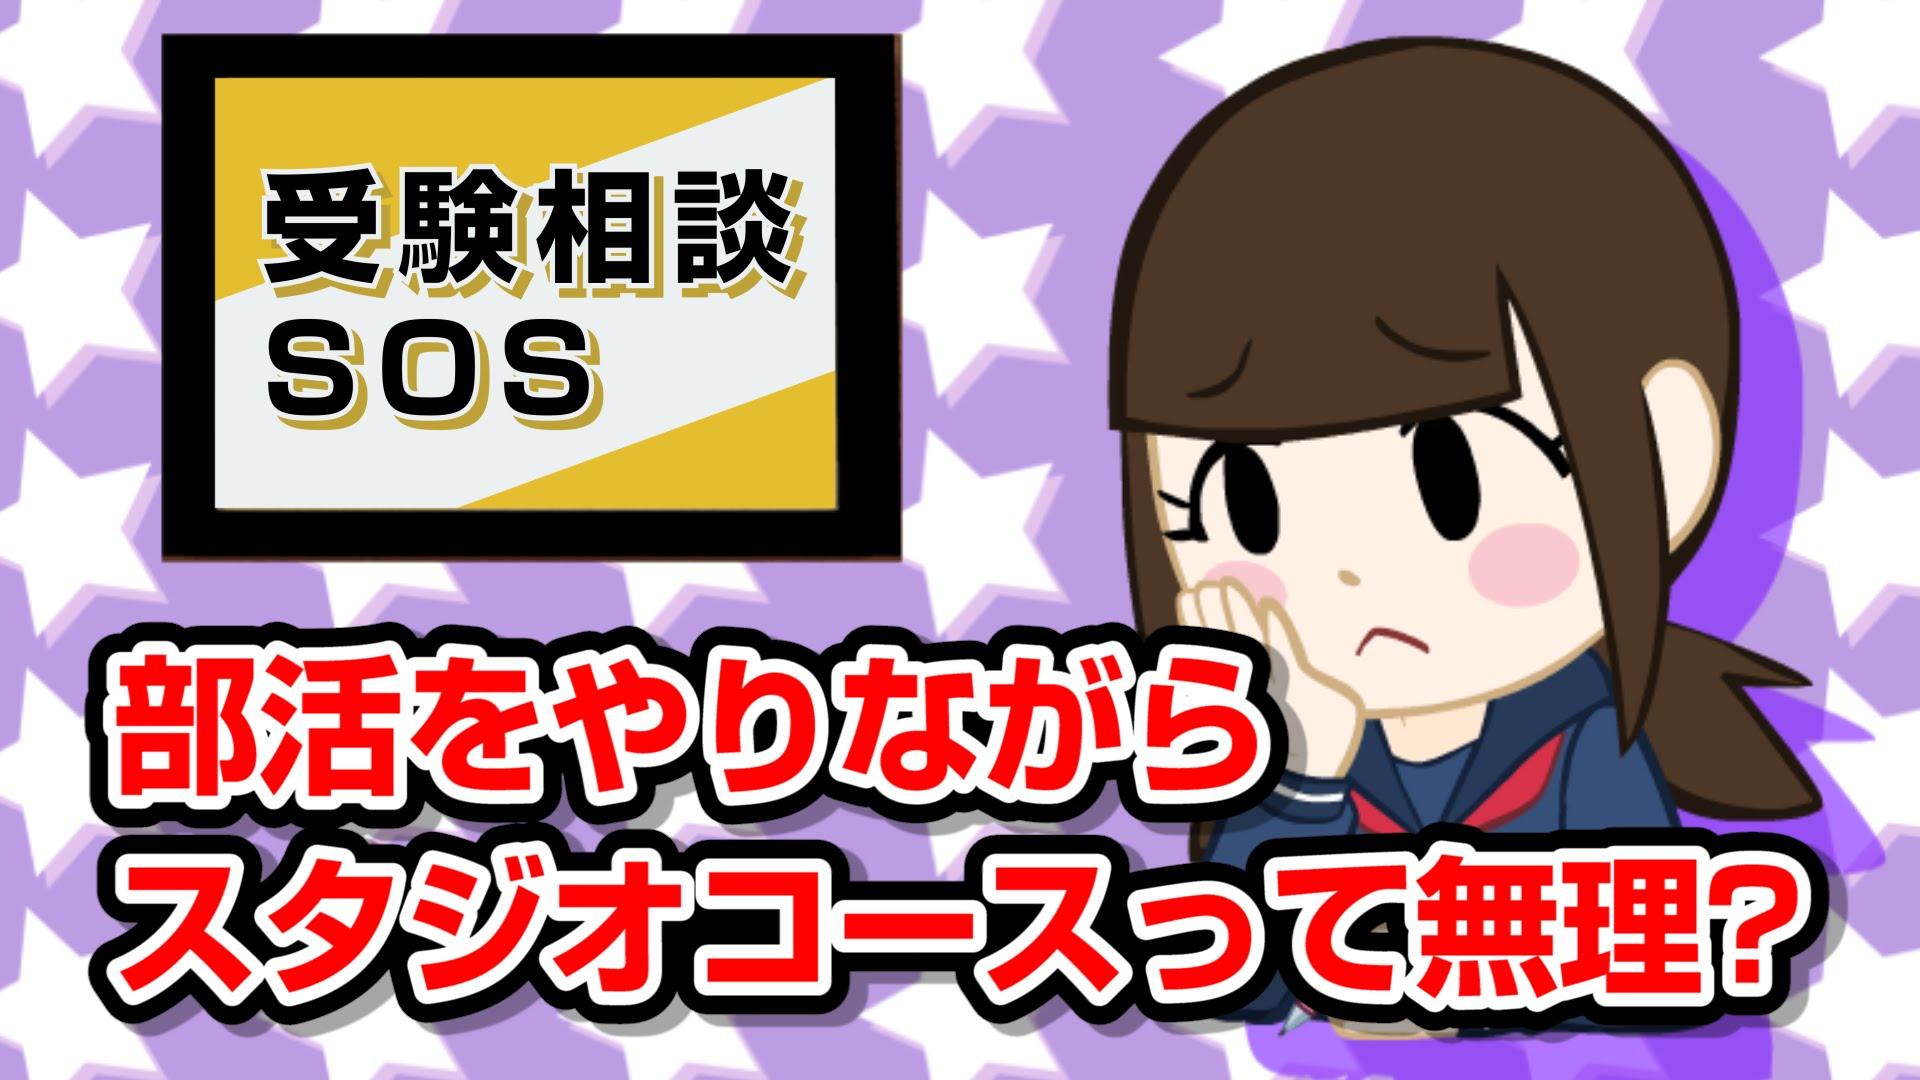 【vol.528】「部活をやりながらスタジオコース」って無理!? 受験相談SOS